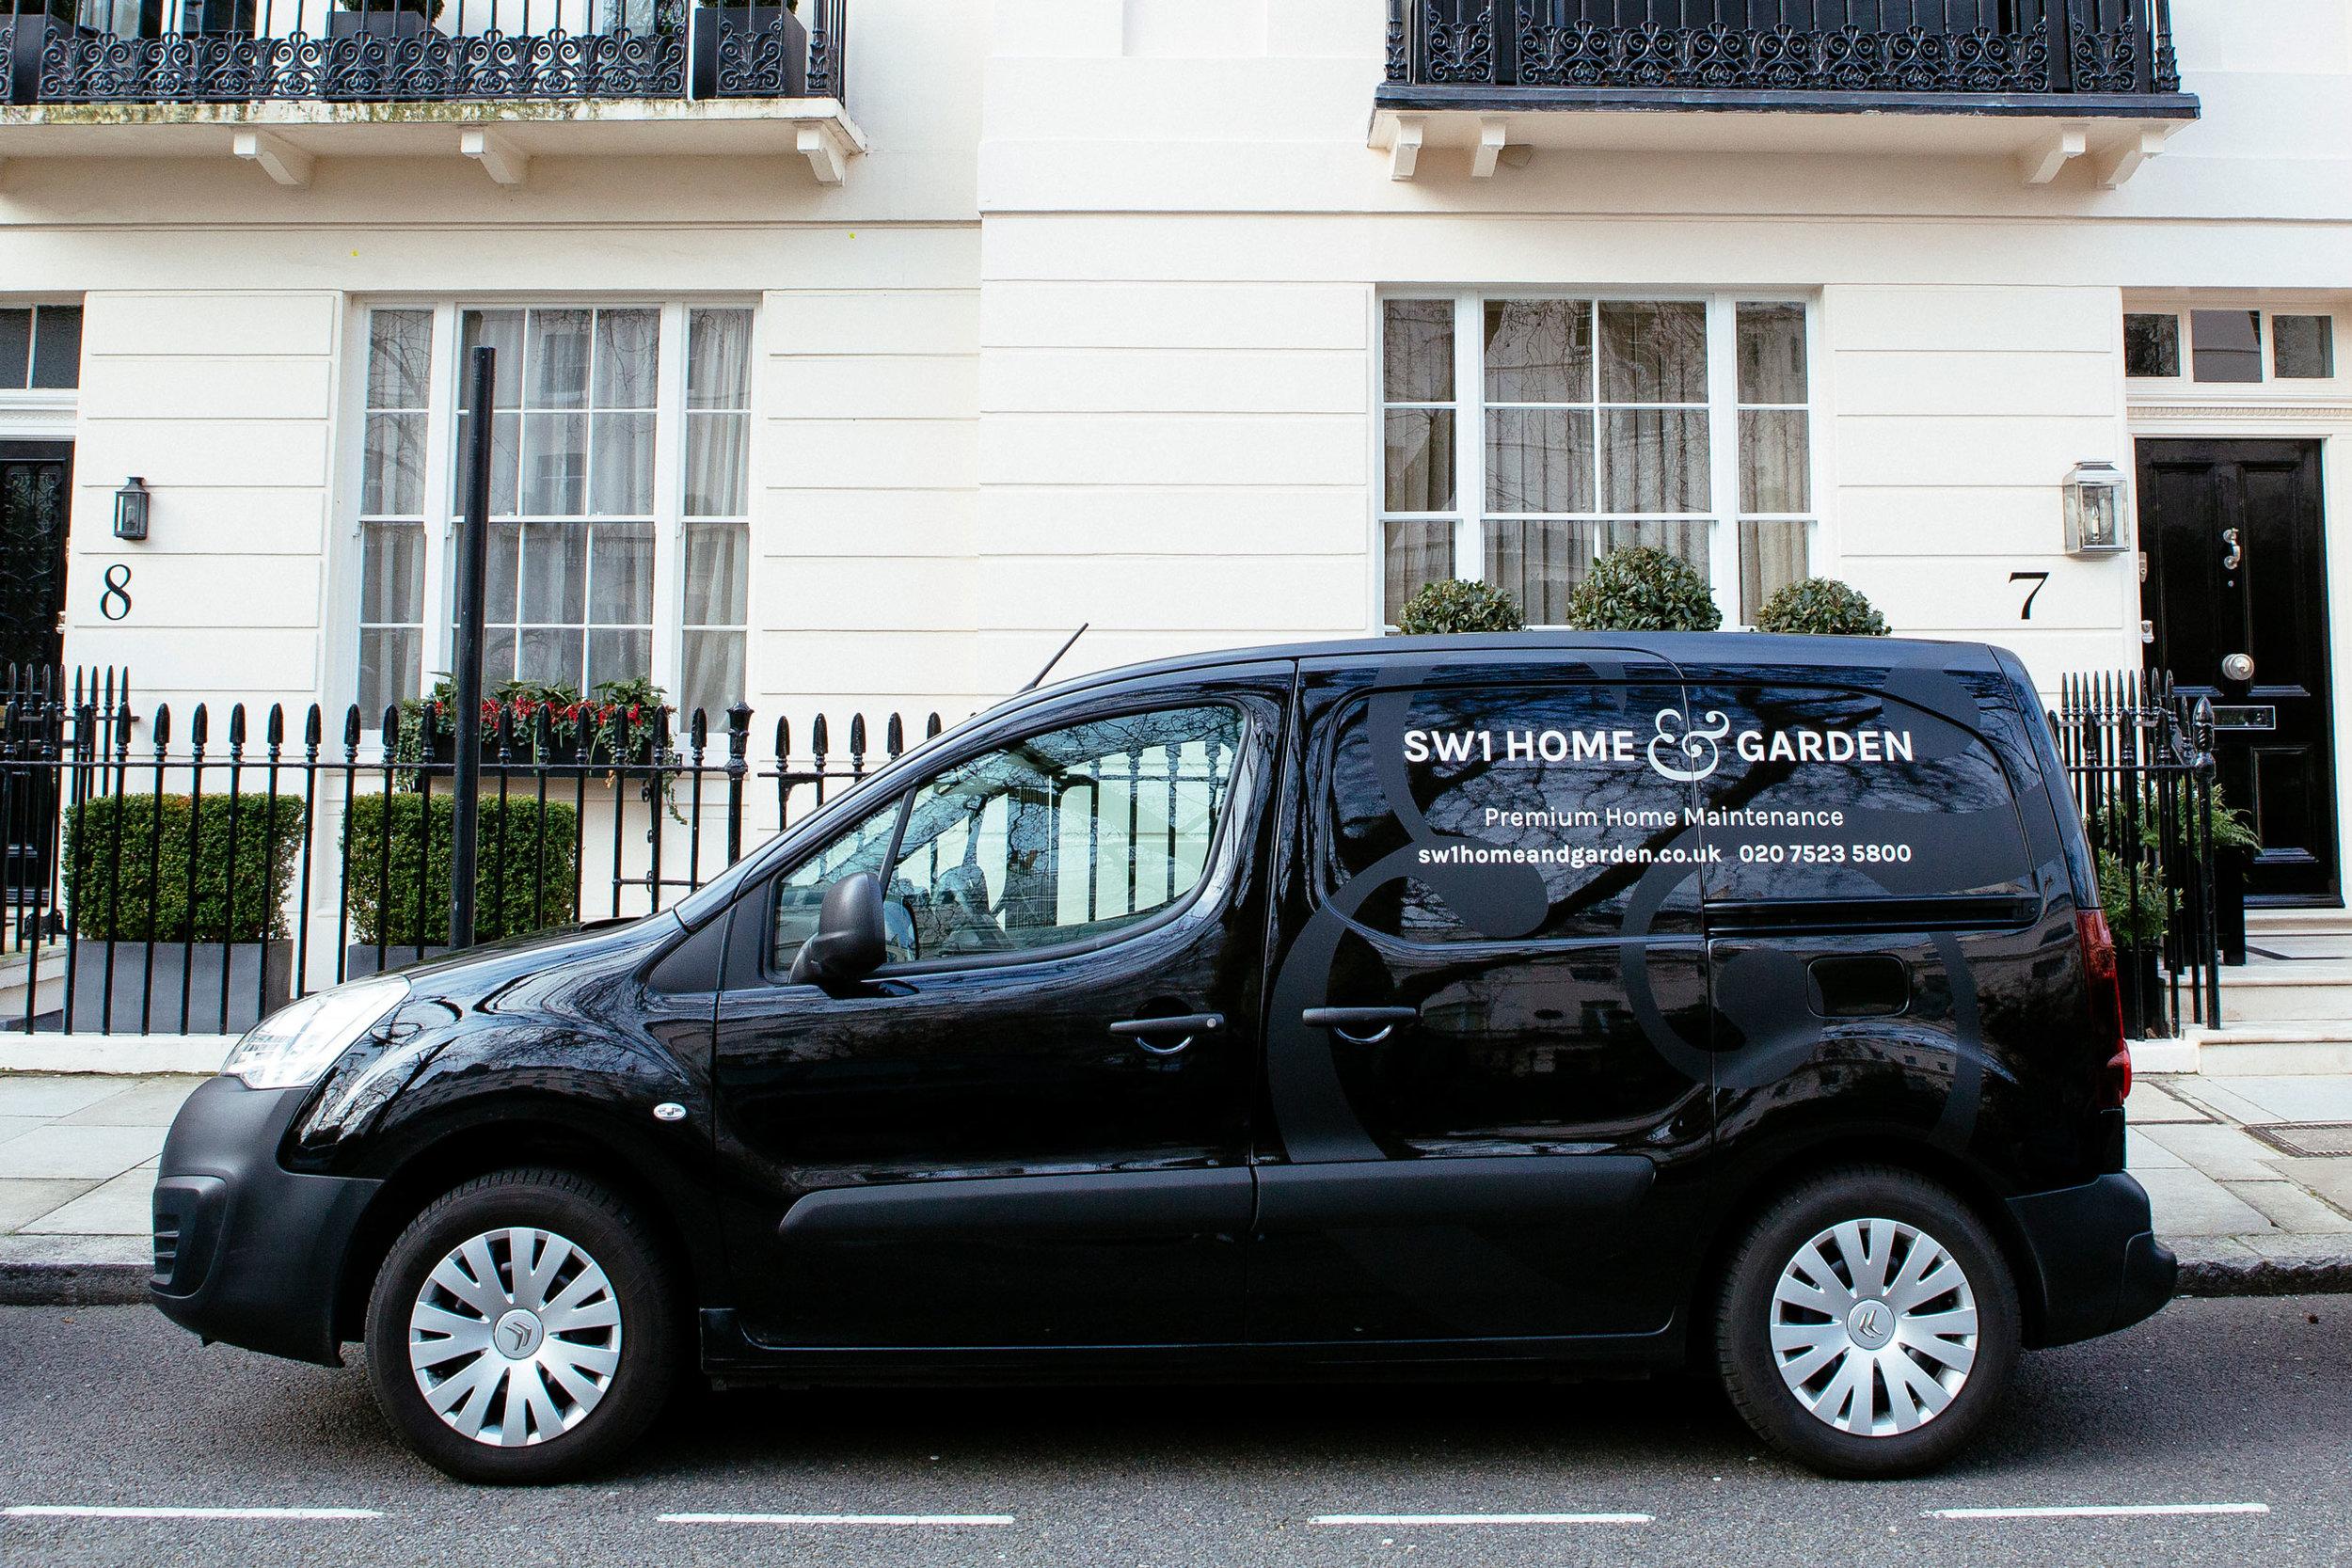 Branding design for SW1 Home & Garden vehicles